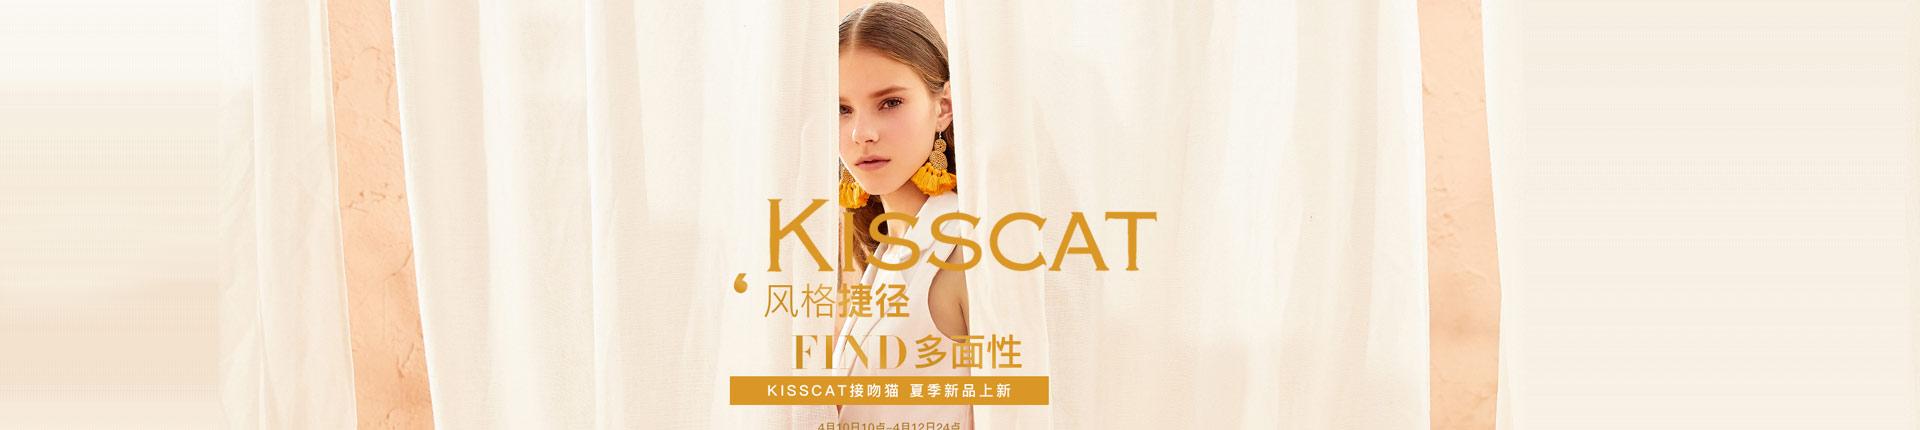 接吻猫官方网站